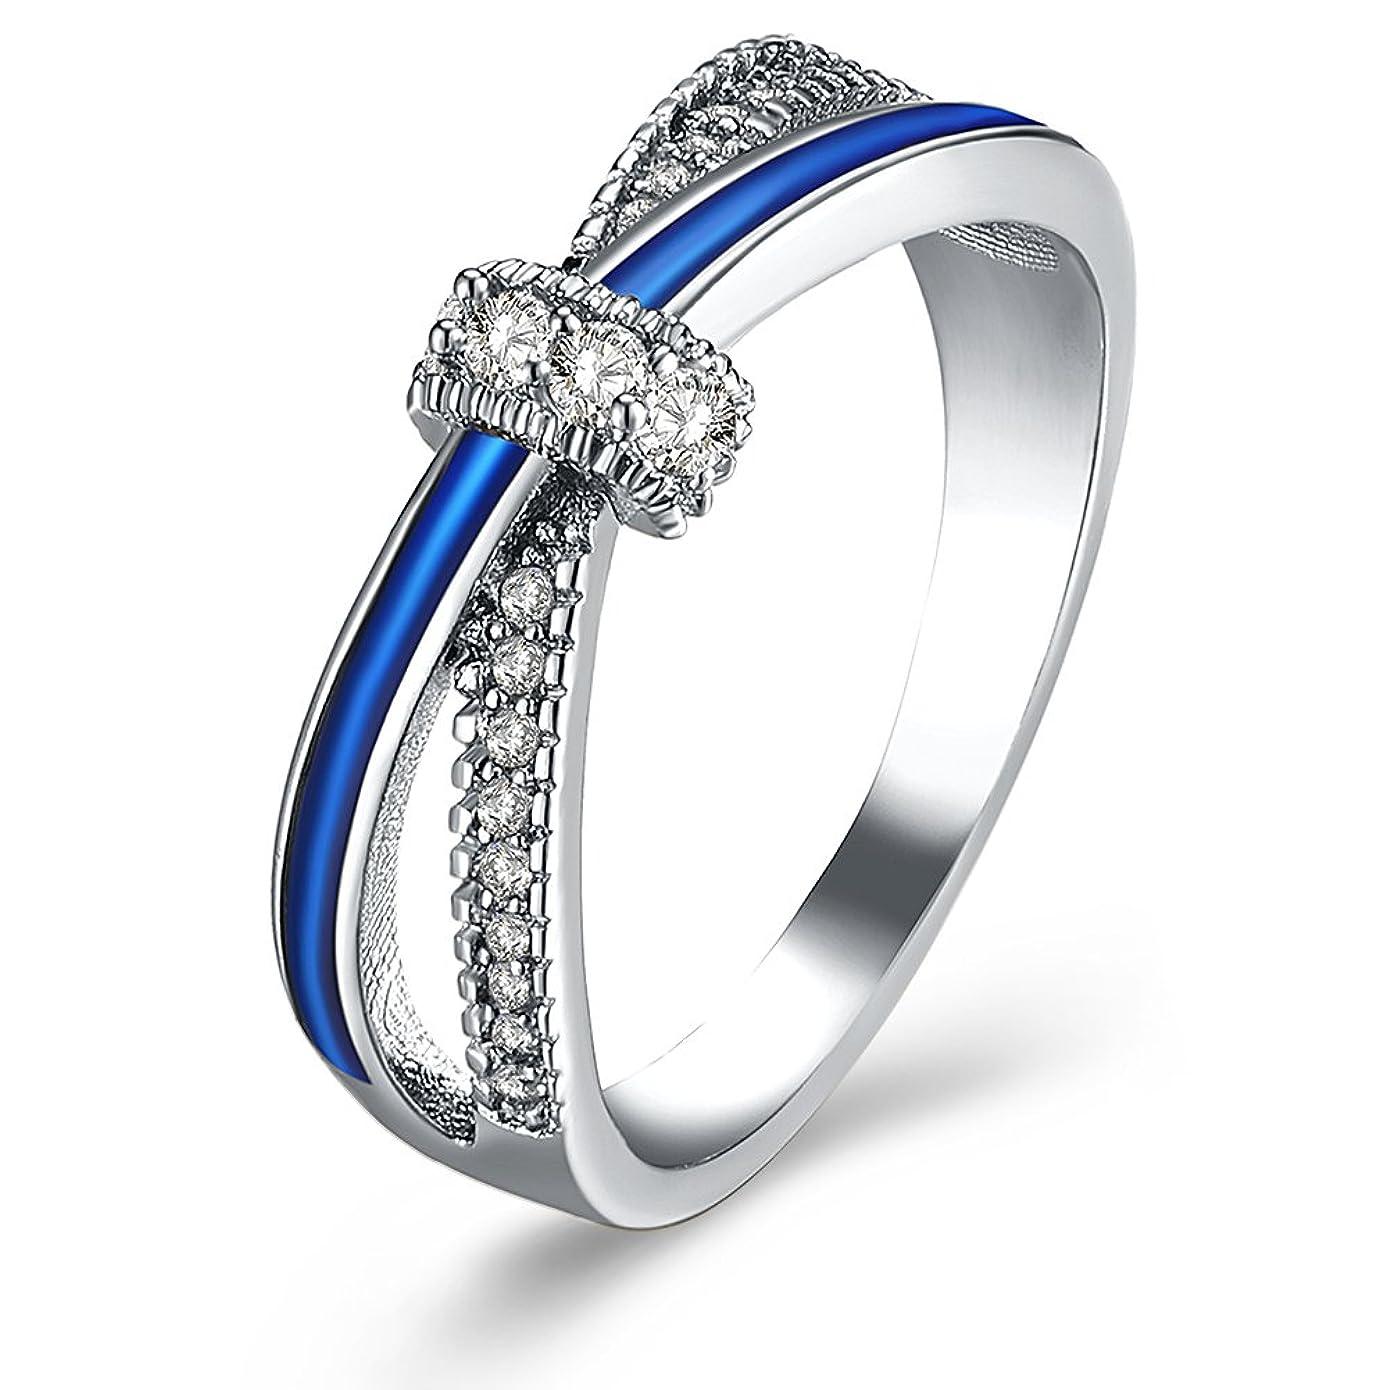 セミナーエーカー軍団カップルの指輪 バレンタインデーのプレゼント 婚約指輪 気質がよく売れる アレルギー防止 指輪のネックレス 男女が着用することができます